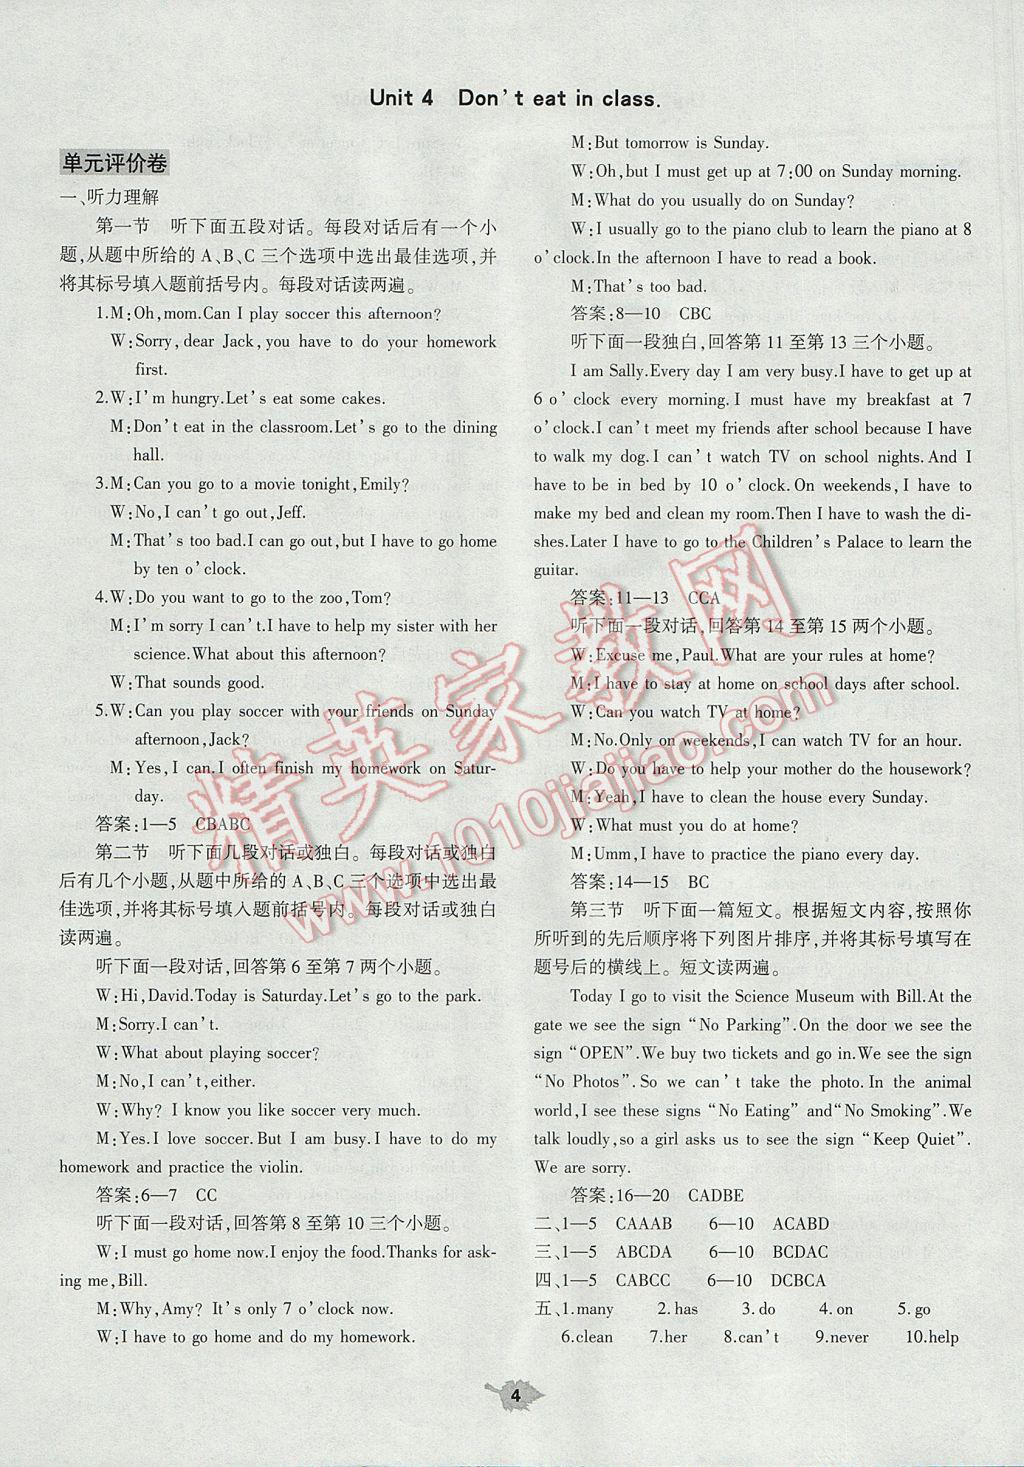 2017年基础训练七年级人人中彩票安卓下册人教版仅限河南省内使用大象出版社单元评价卷答案第4页